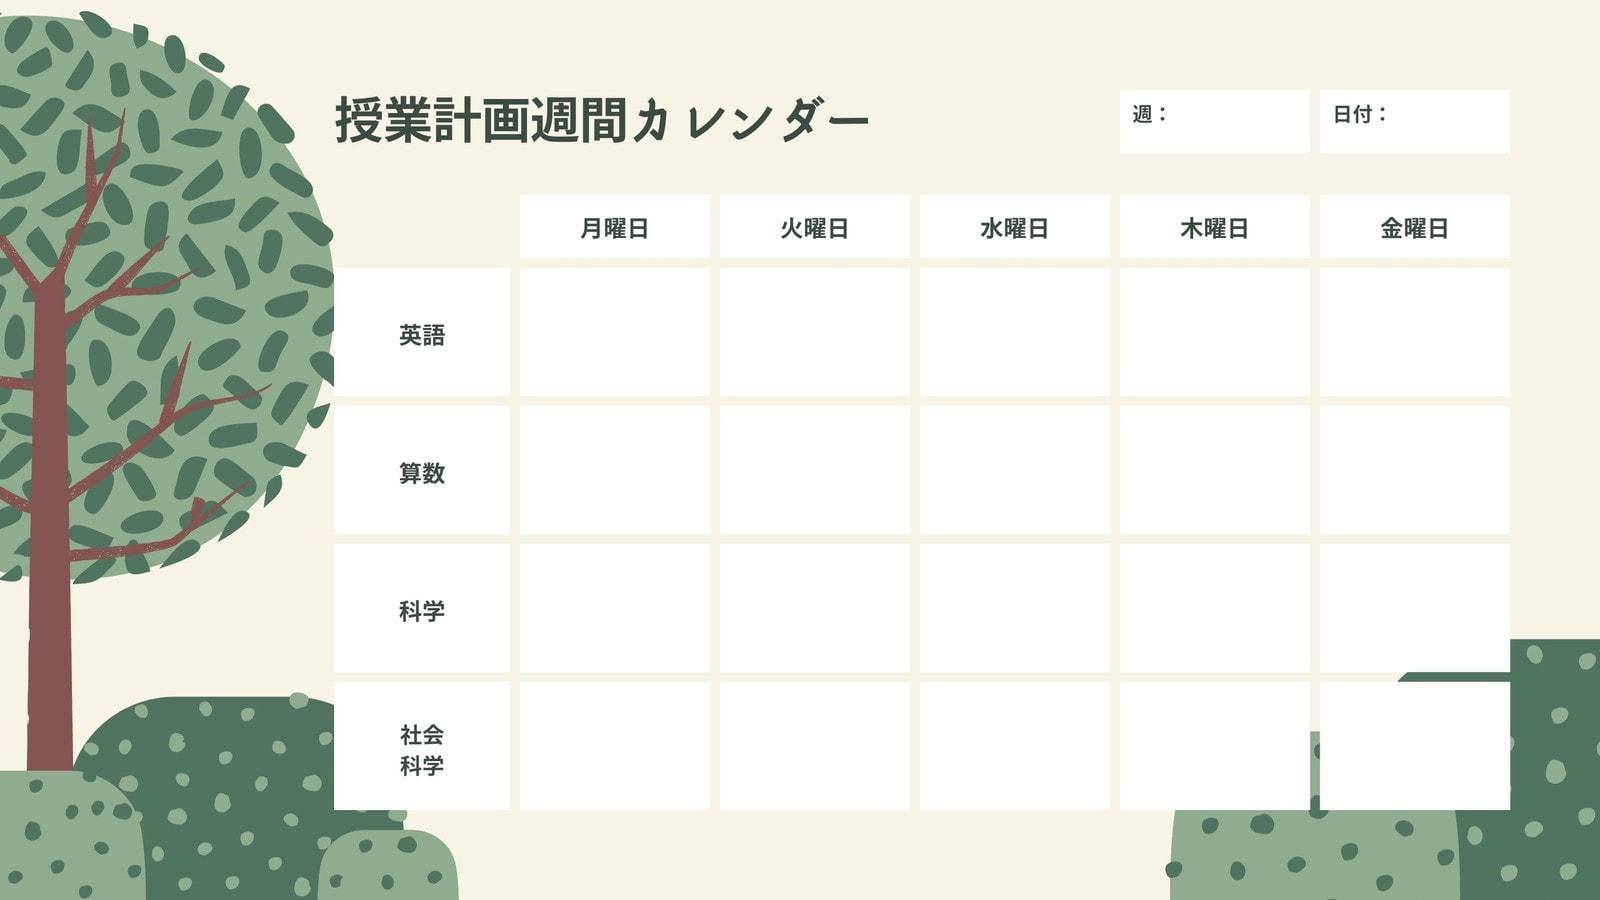 深緑と白 ブランクの授業予定カレンダー